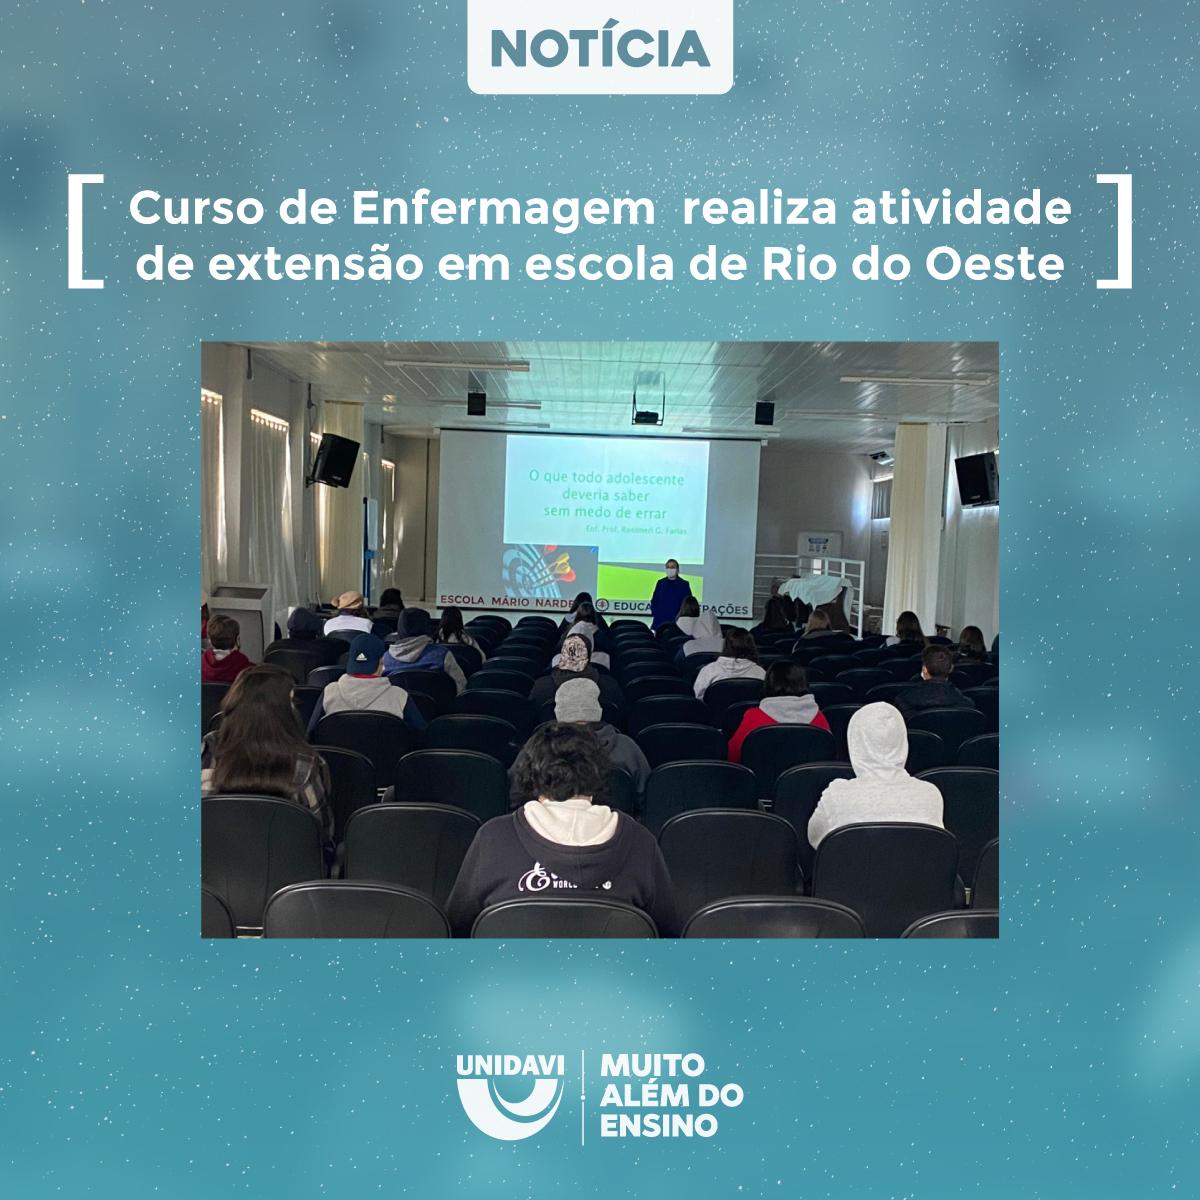 Curso de Enfermagem realiza atividade de extensão em escola de Rio do Oeste